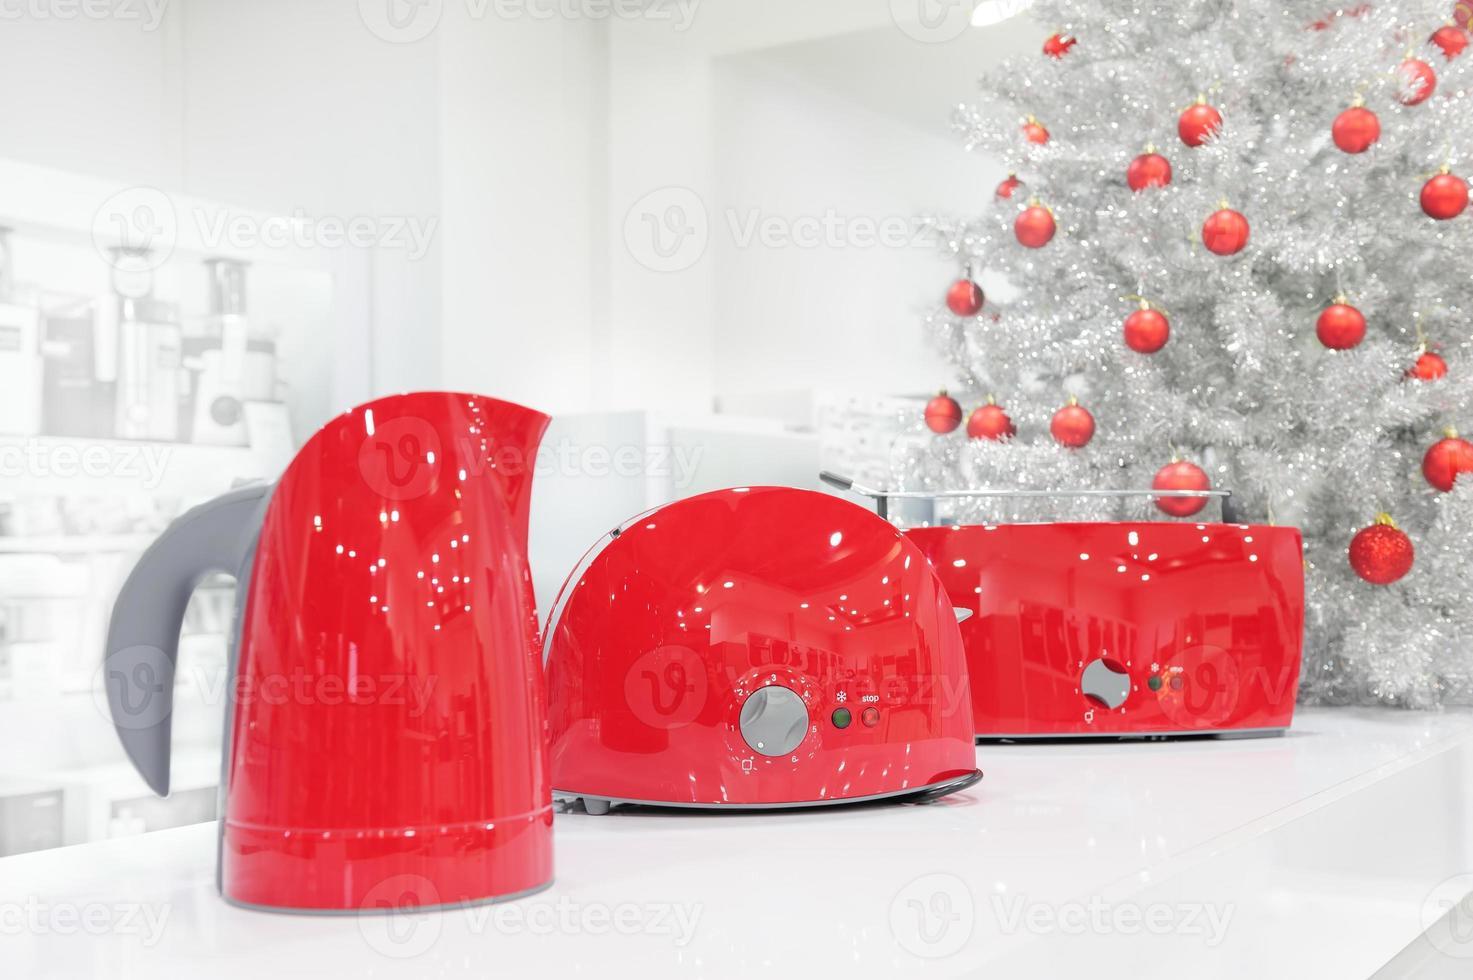 huishoudelijke apparaten winkel met Kerstmis foto